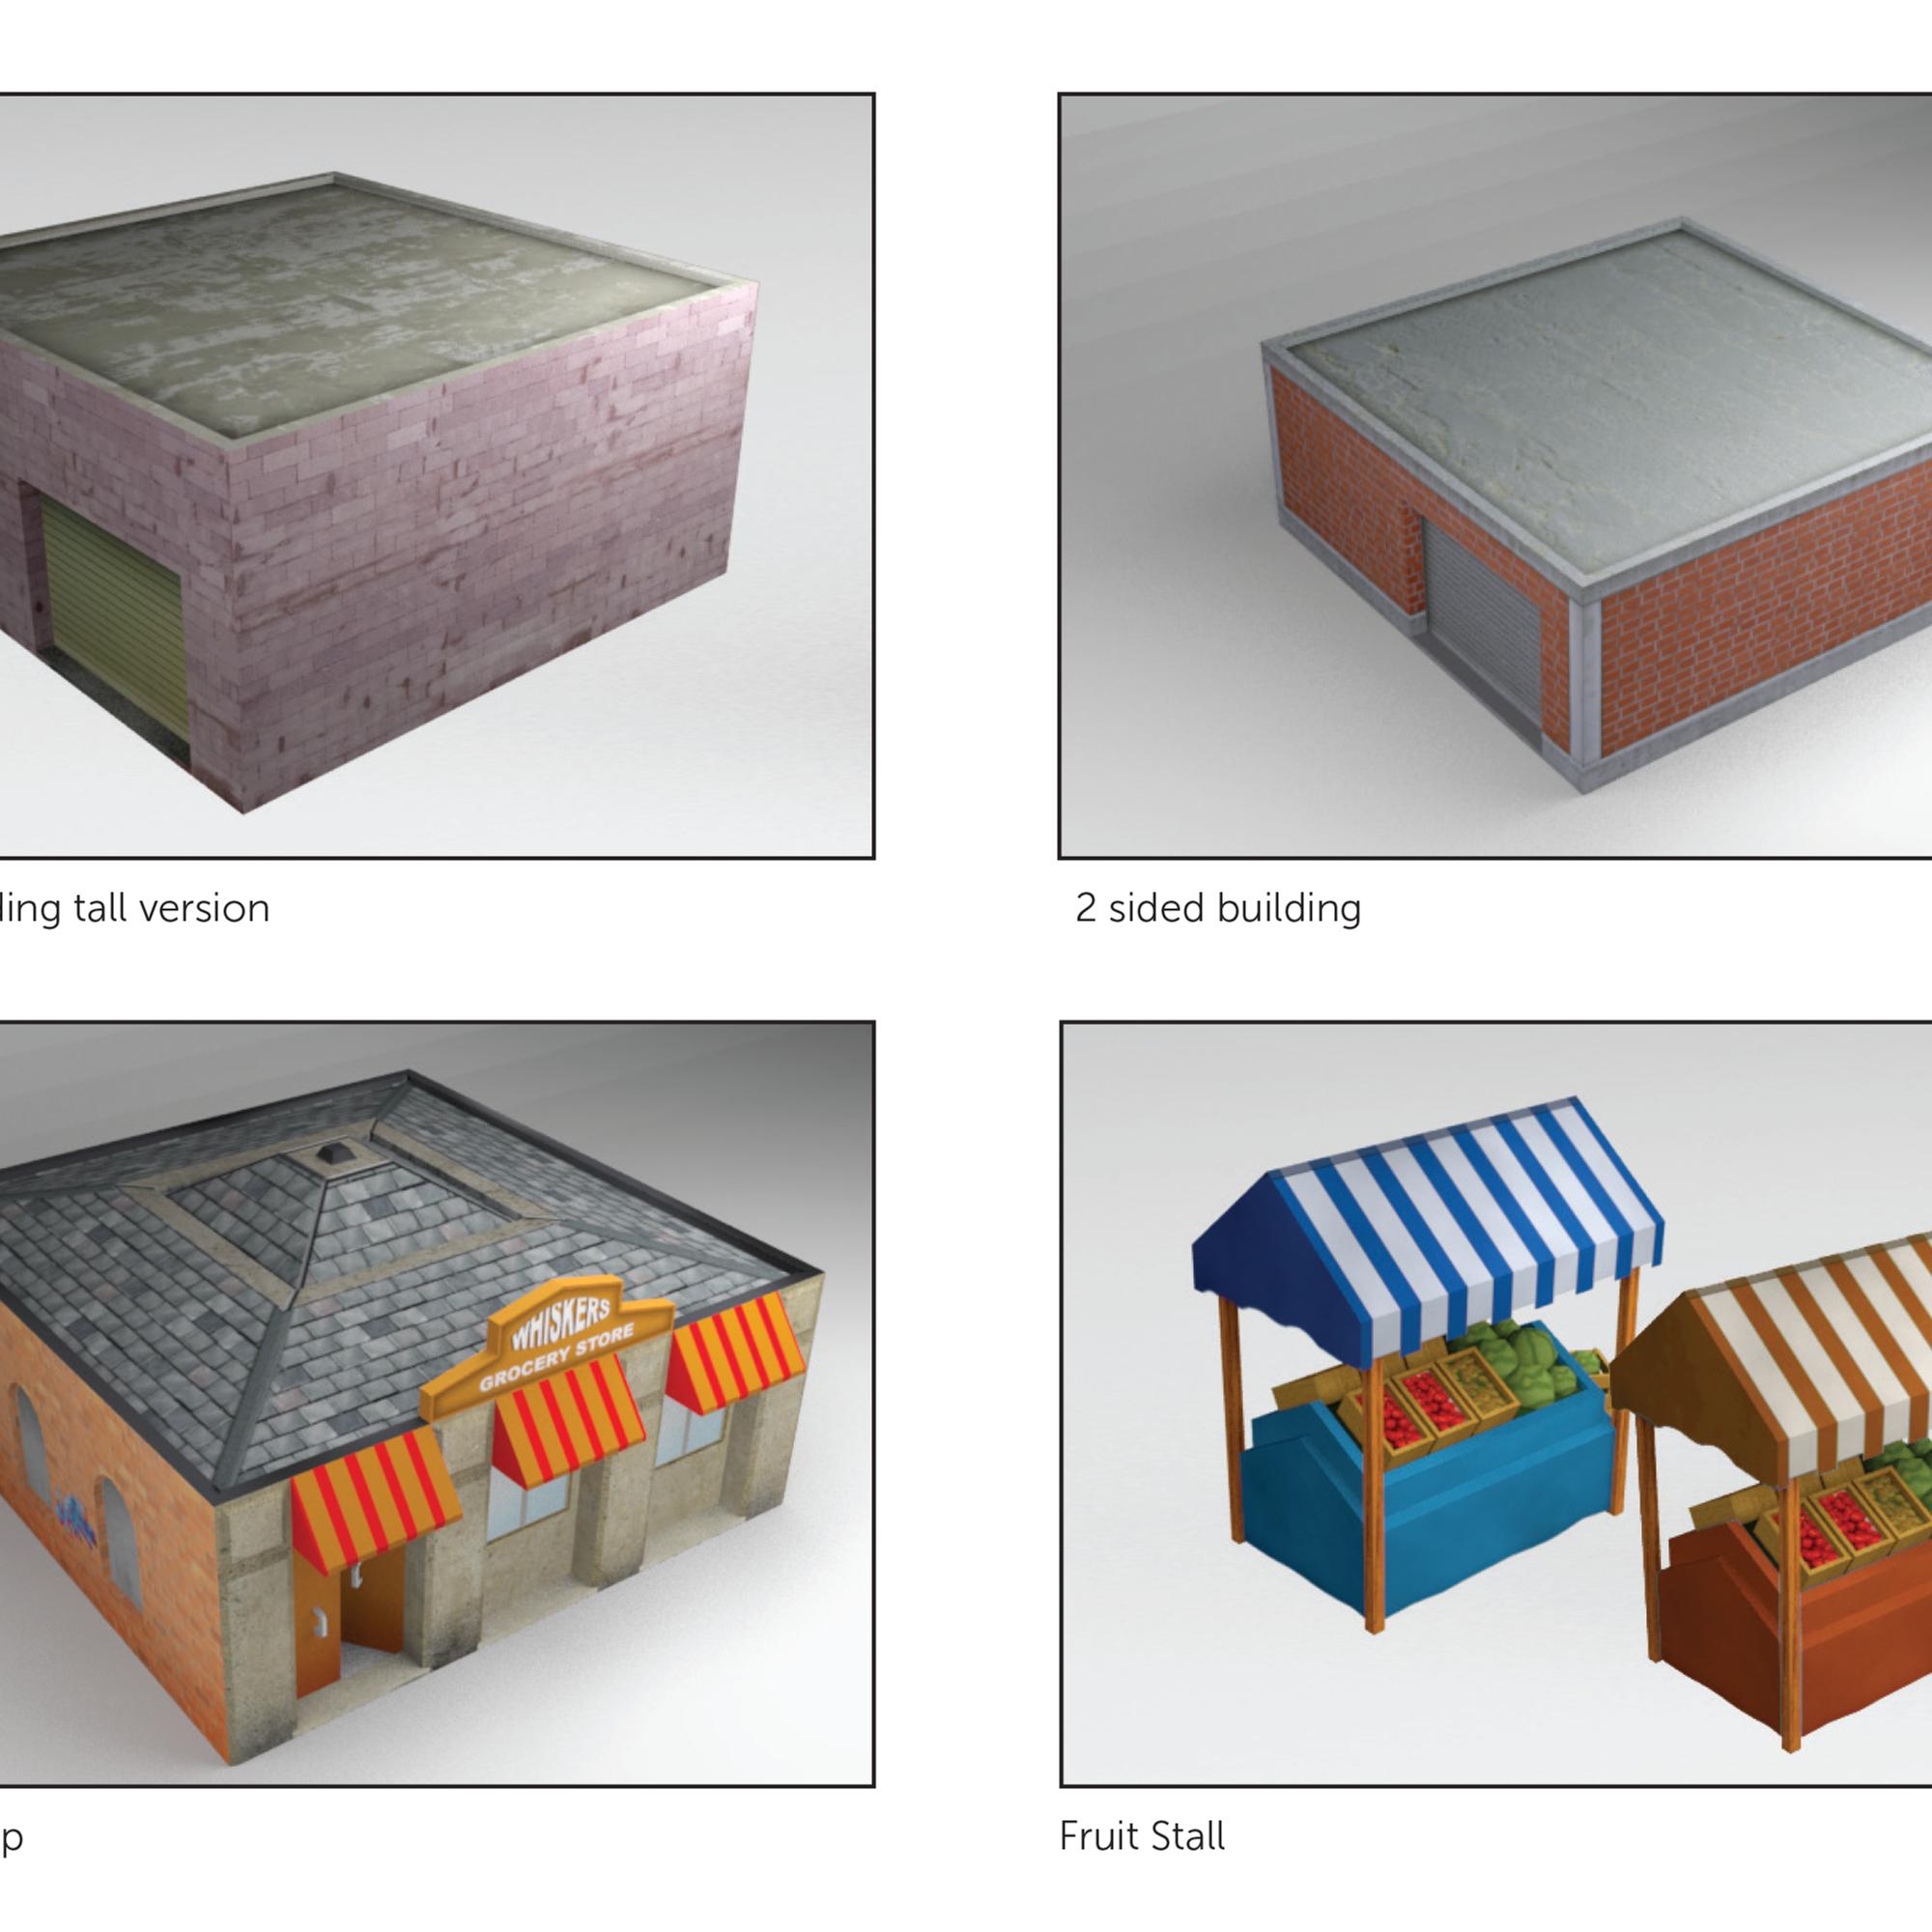 Level-props-buildings-02-2000-2000